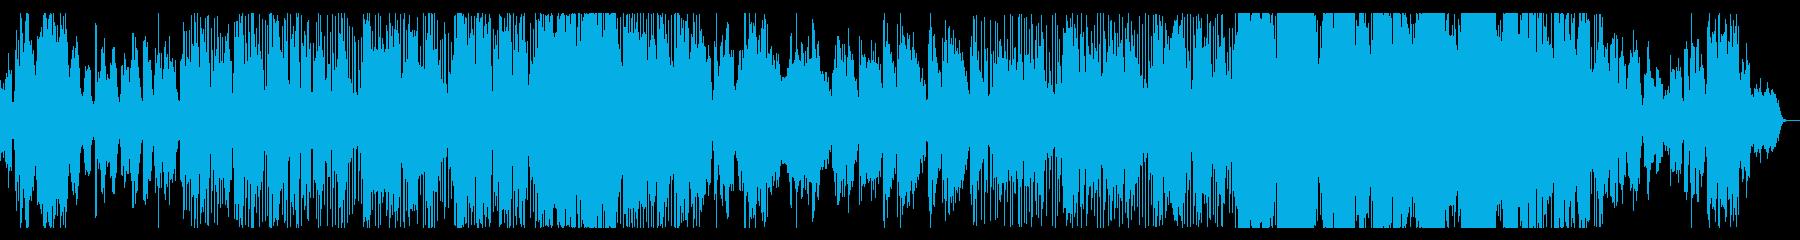 ハープとフルートが印象的な桜の歌の再生済みの波形